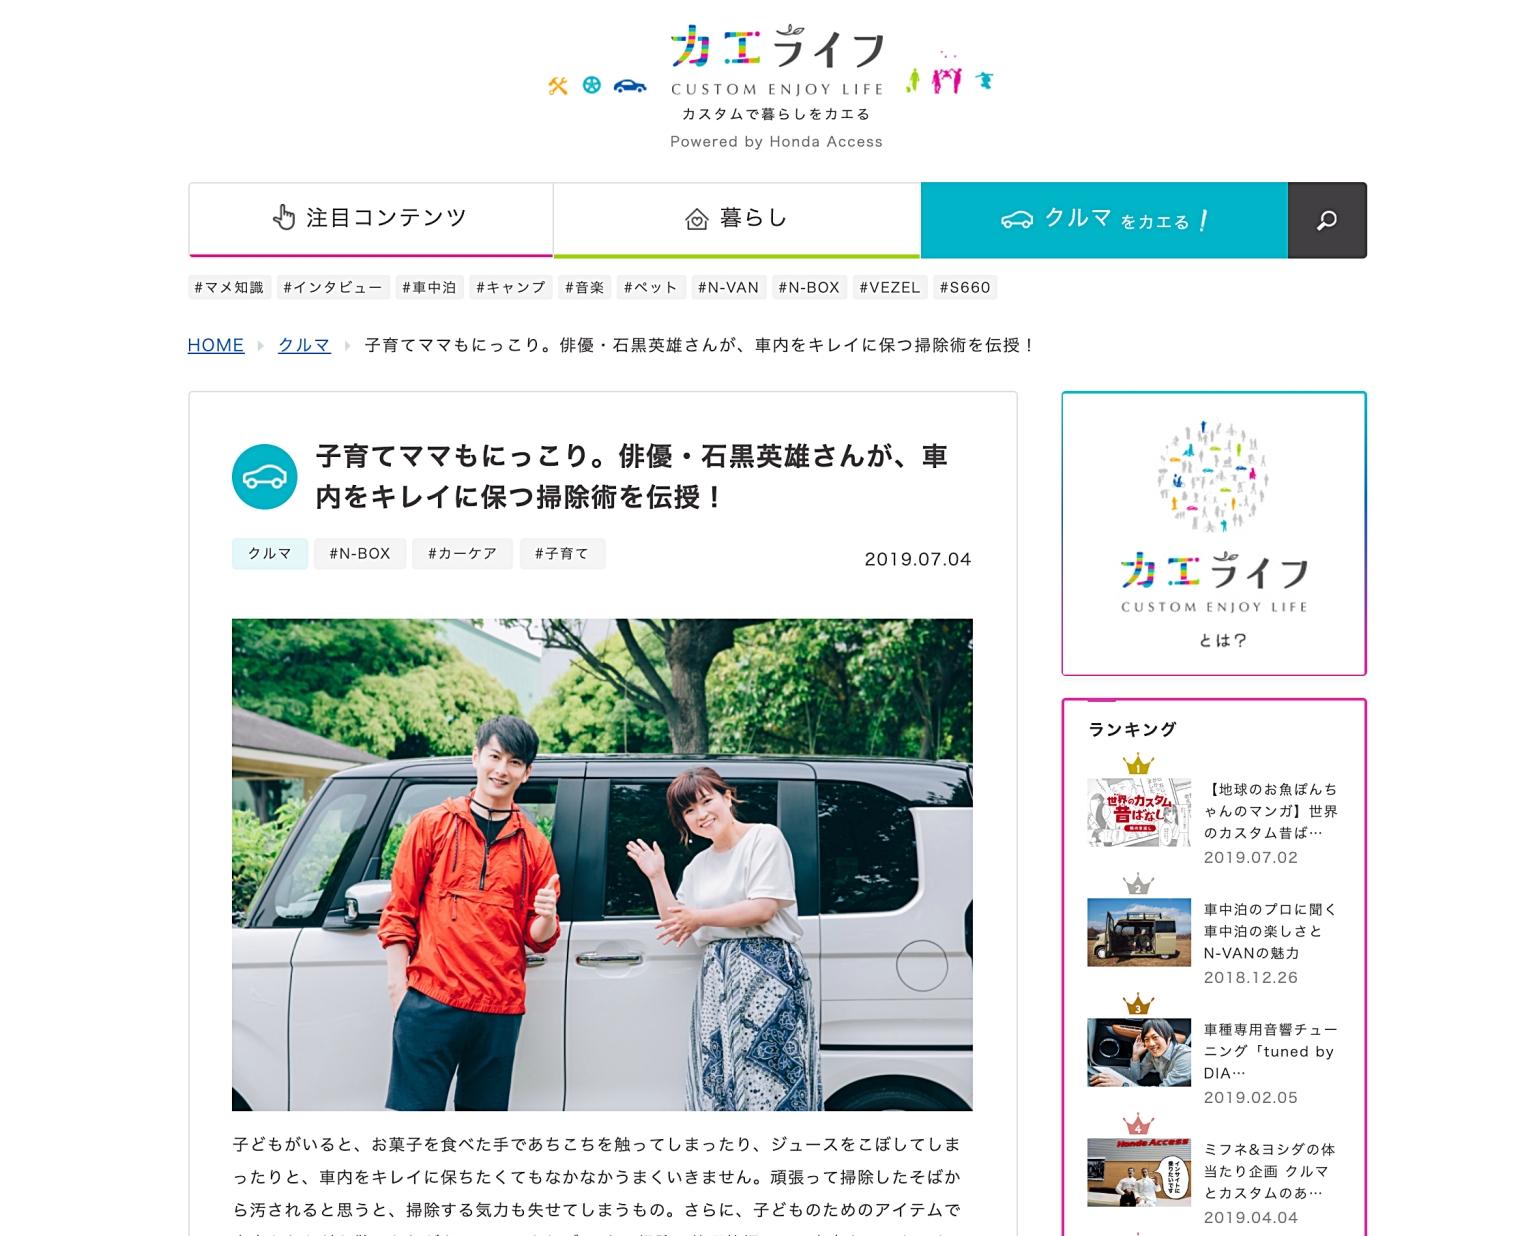 ホンダアクセスのオウンドメディア「カエライフ」にて、俳優の石黒英雄さんの記事のキャプチャ。